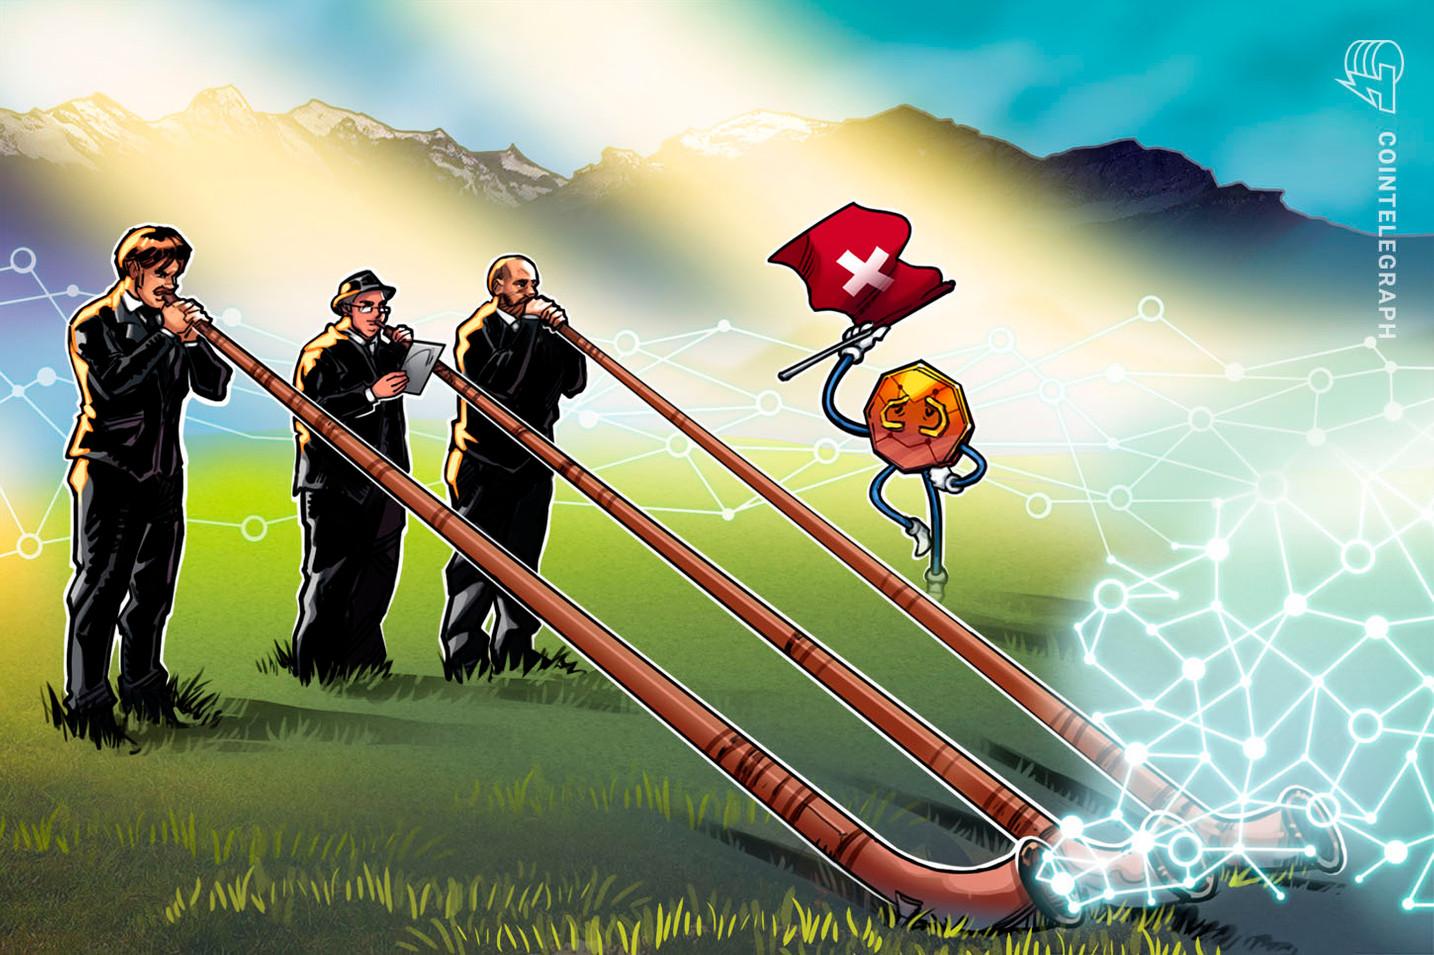 Think Tank le dice al Banco Nacional Suizo que lance el token vinculado al franco suizo y que adopte DLT